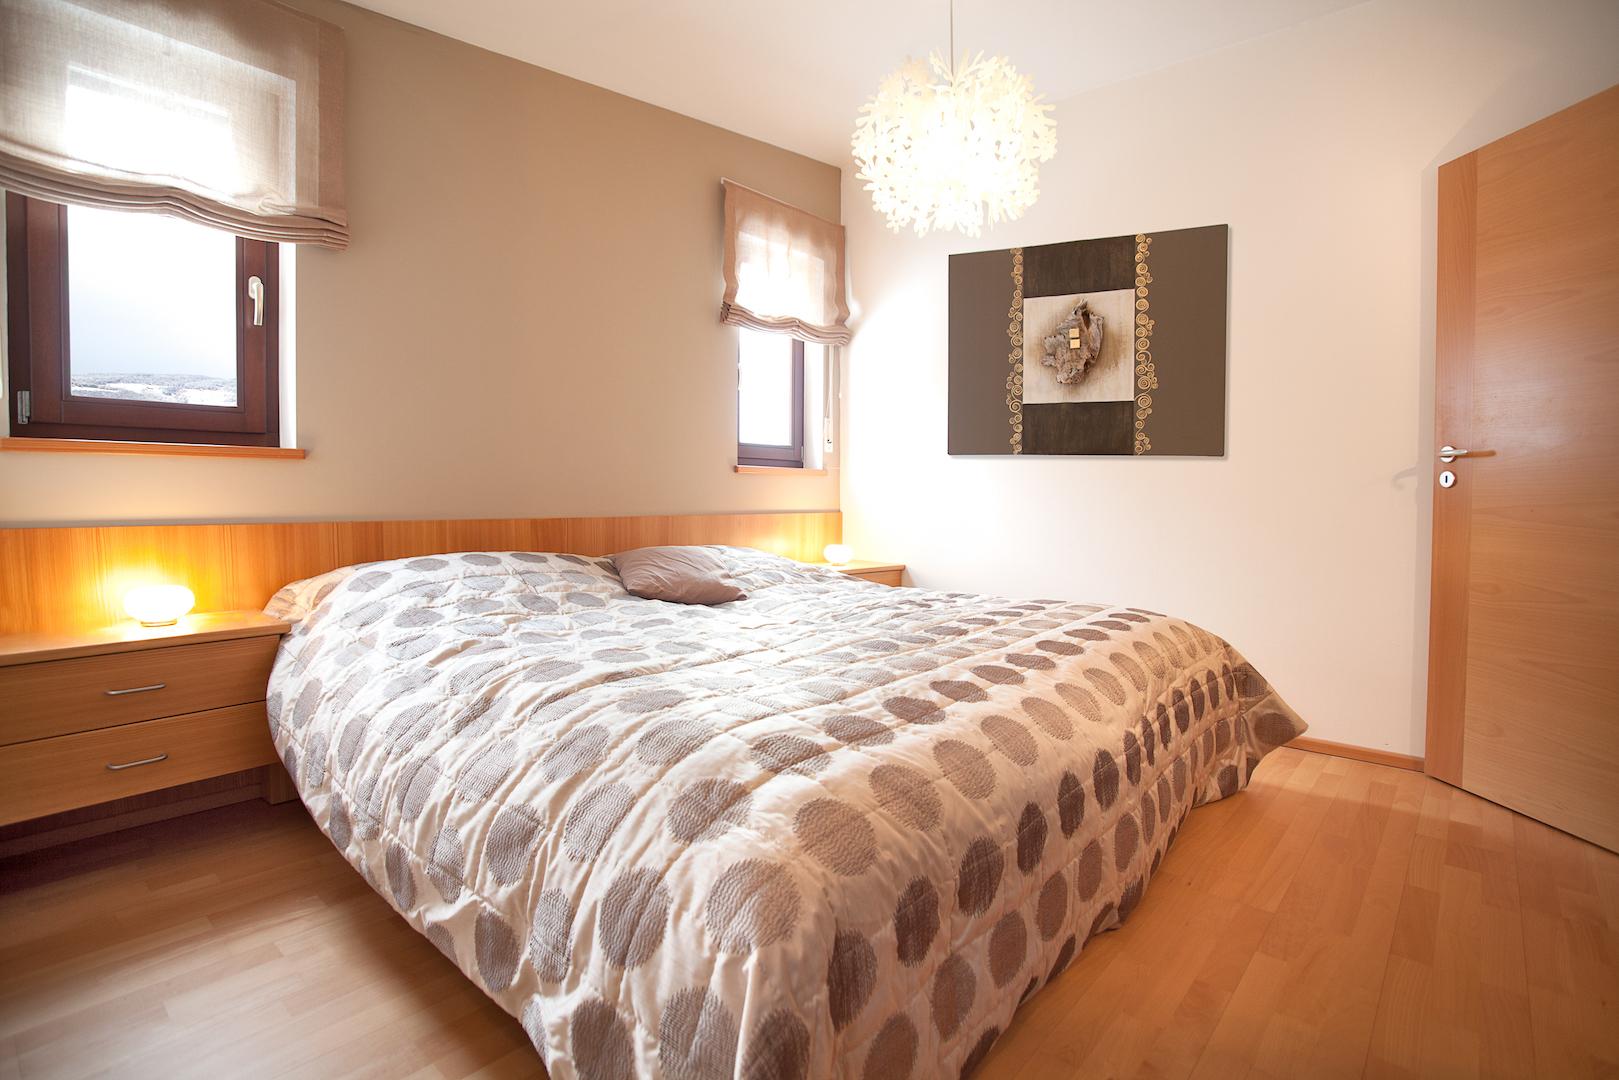 Schlafzimmer Nachher  (1 von 1).jpg